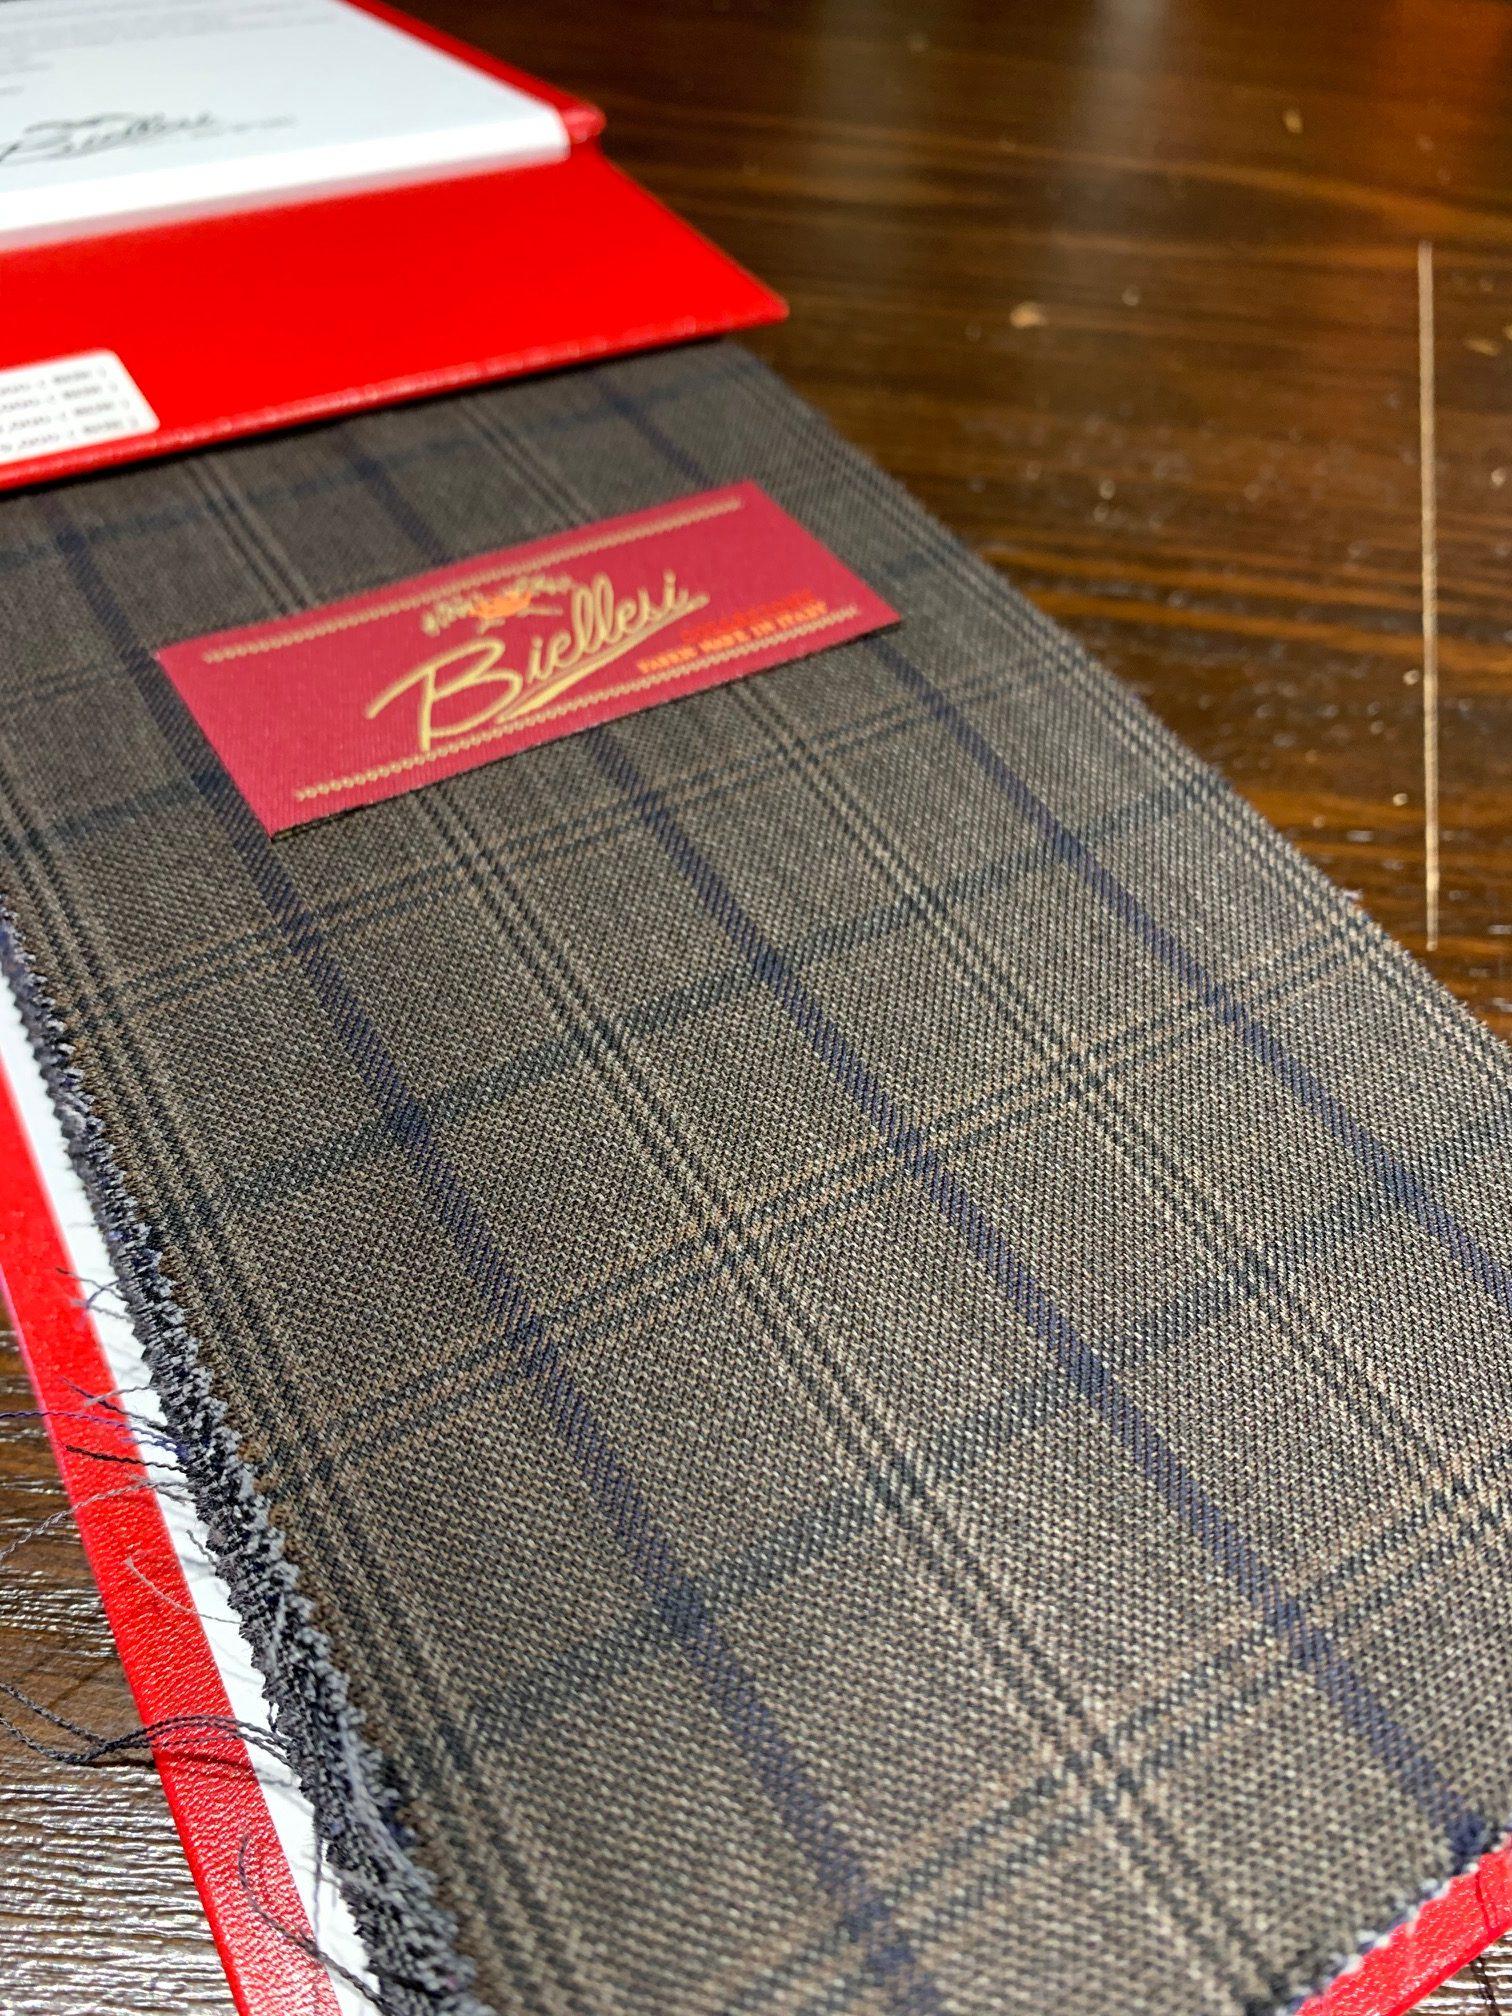 image3 3 1 e1572159305410 - オーダースーツのおススメブランド(サルトクレイスで一番売れているのは?)